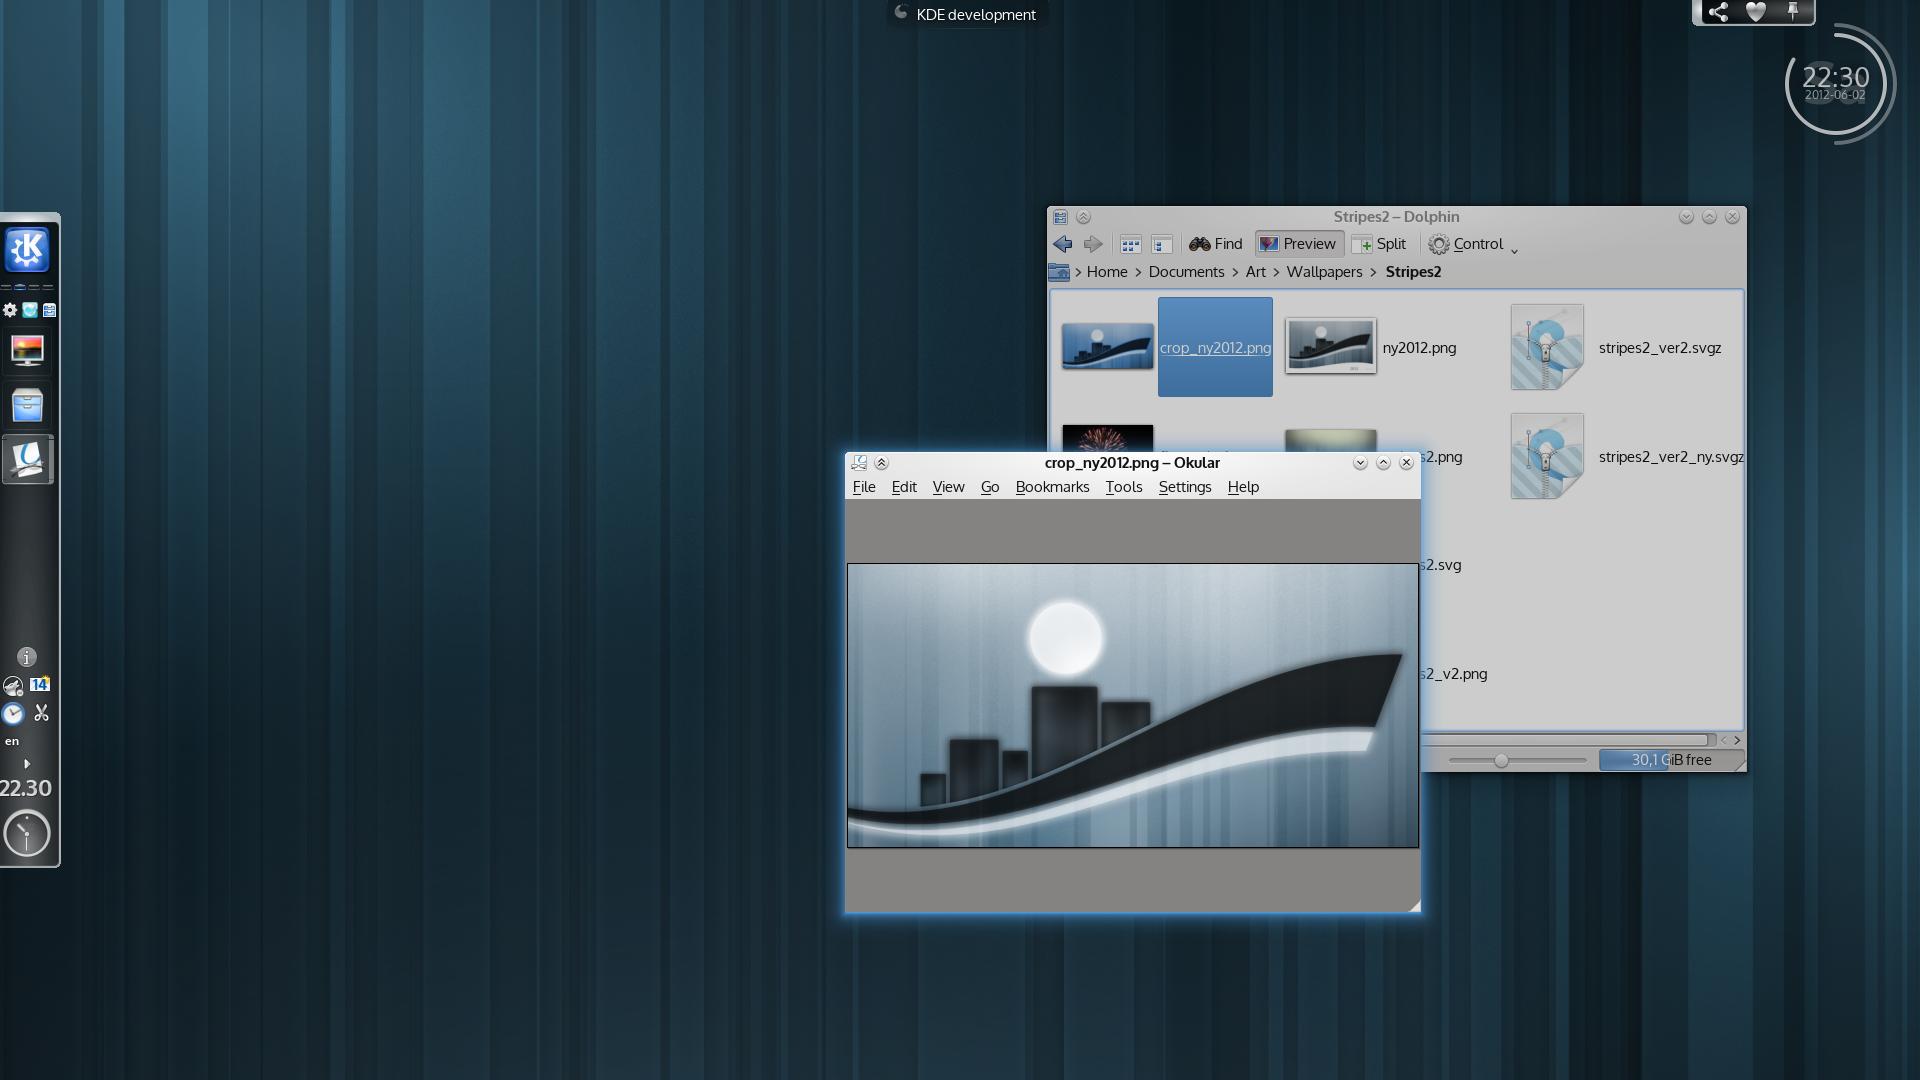 KDE Plasma 4.9